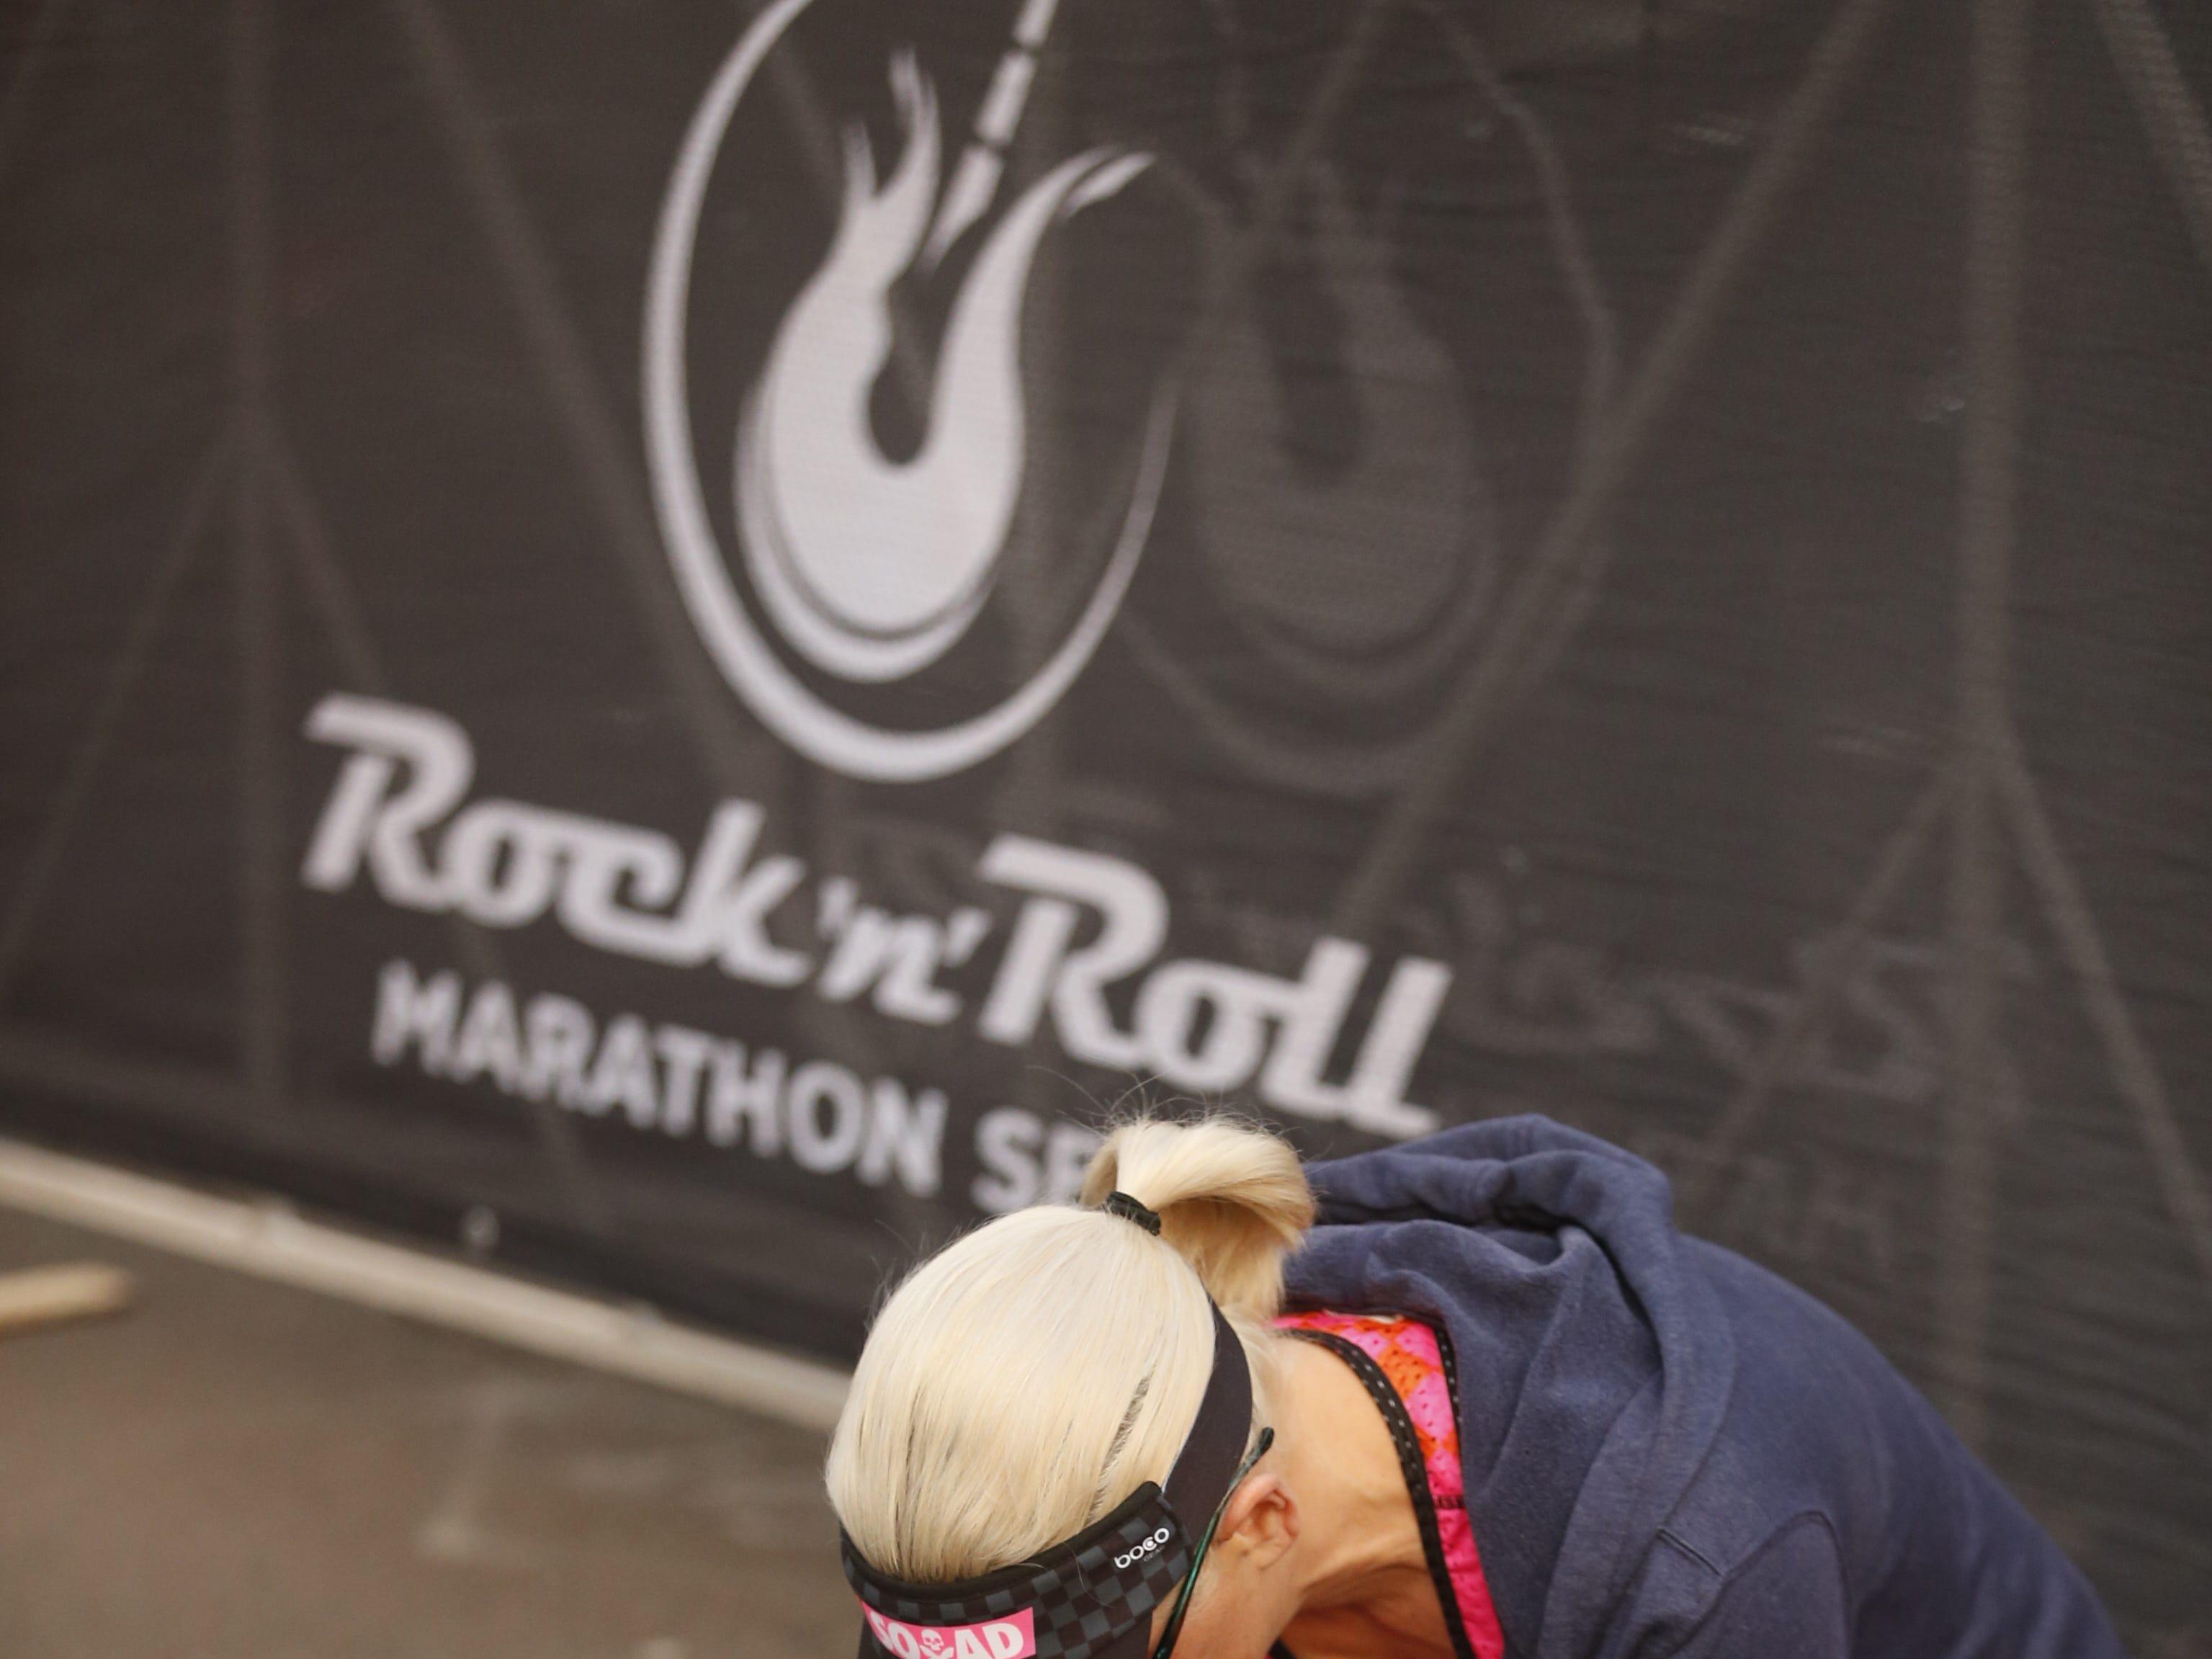 Sen. Kyrsten Sinema ties her shoes before the Rock 'N' Roll half-marathon in Temp. on Jan 20, 2019.